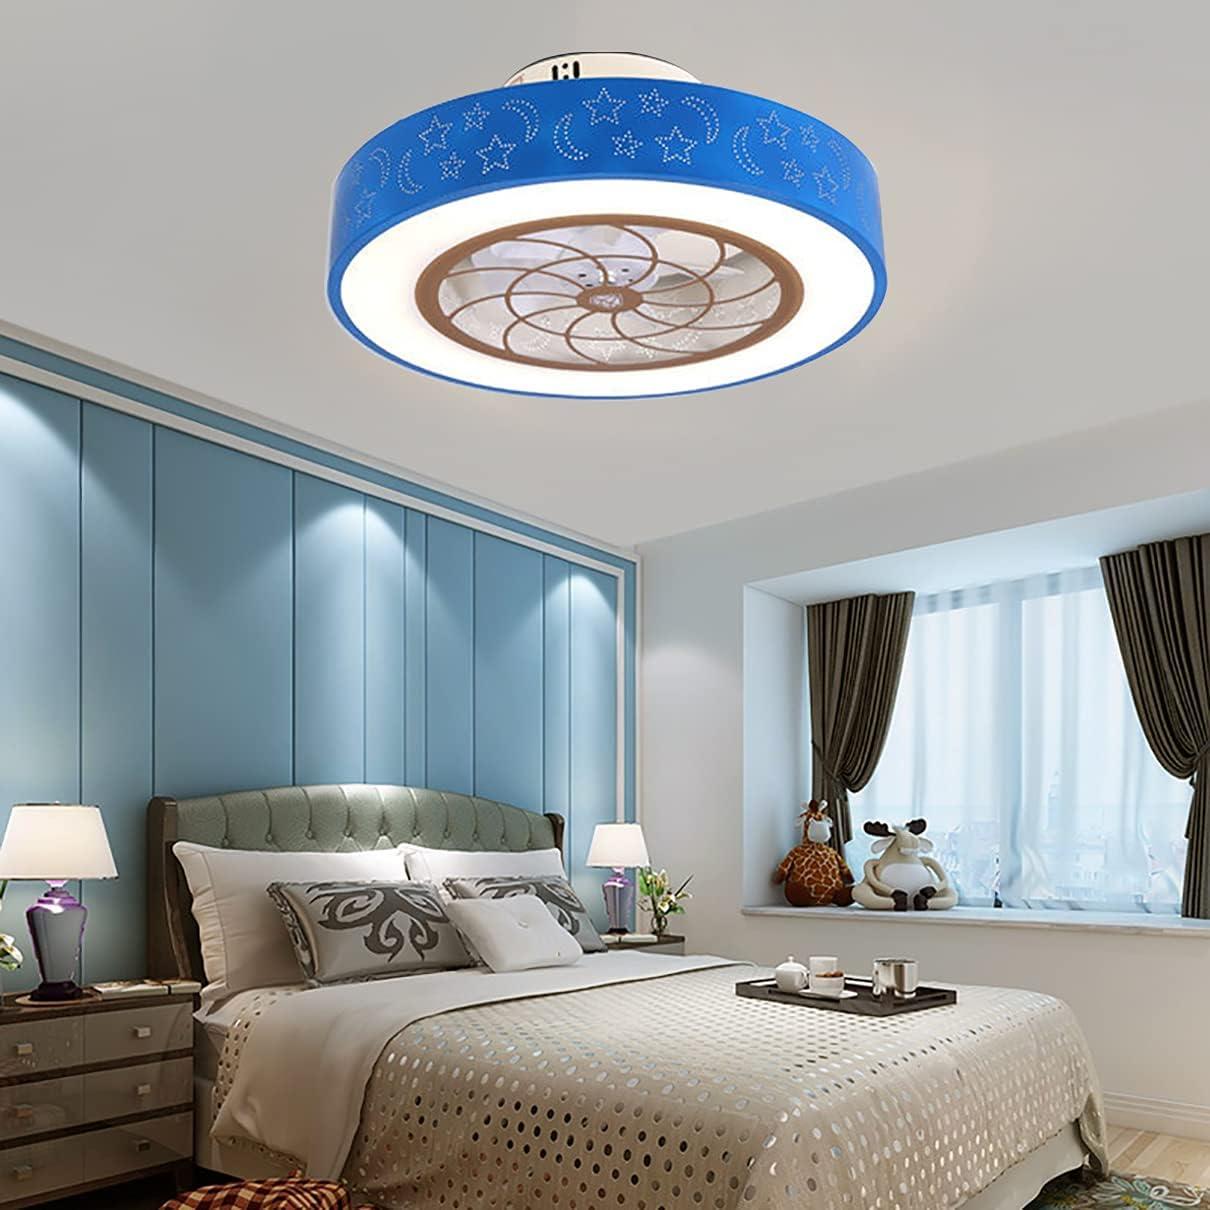 Infantil Ventilador Techo Con Luz Y Mando 2 Velocidades Dormitorio Regulable Estrellas Y Luna Lamparas Ventilador De Techo Moderno Silencioso Ventilador Techo Con LED Luz,Azul